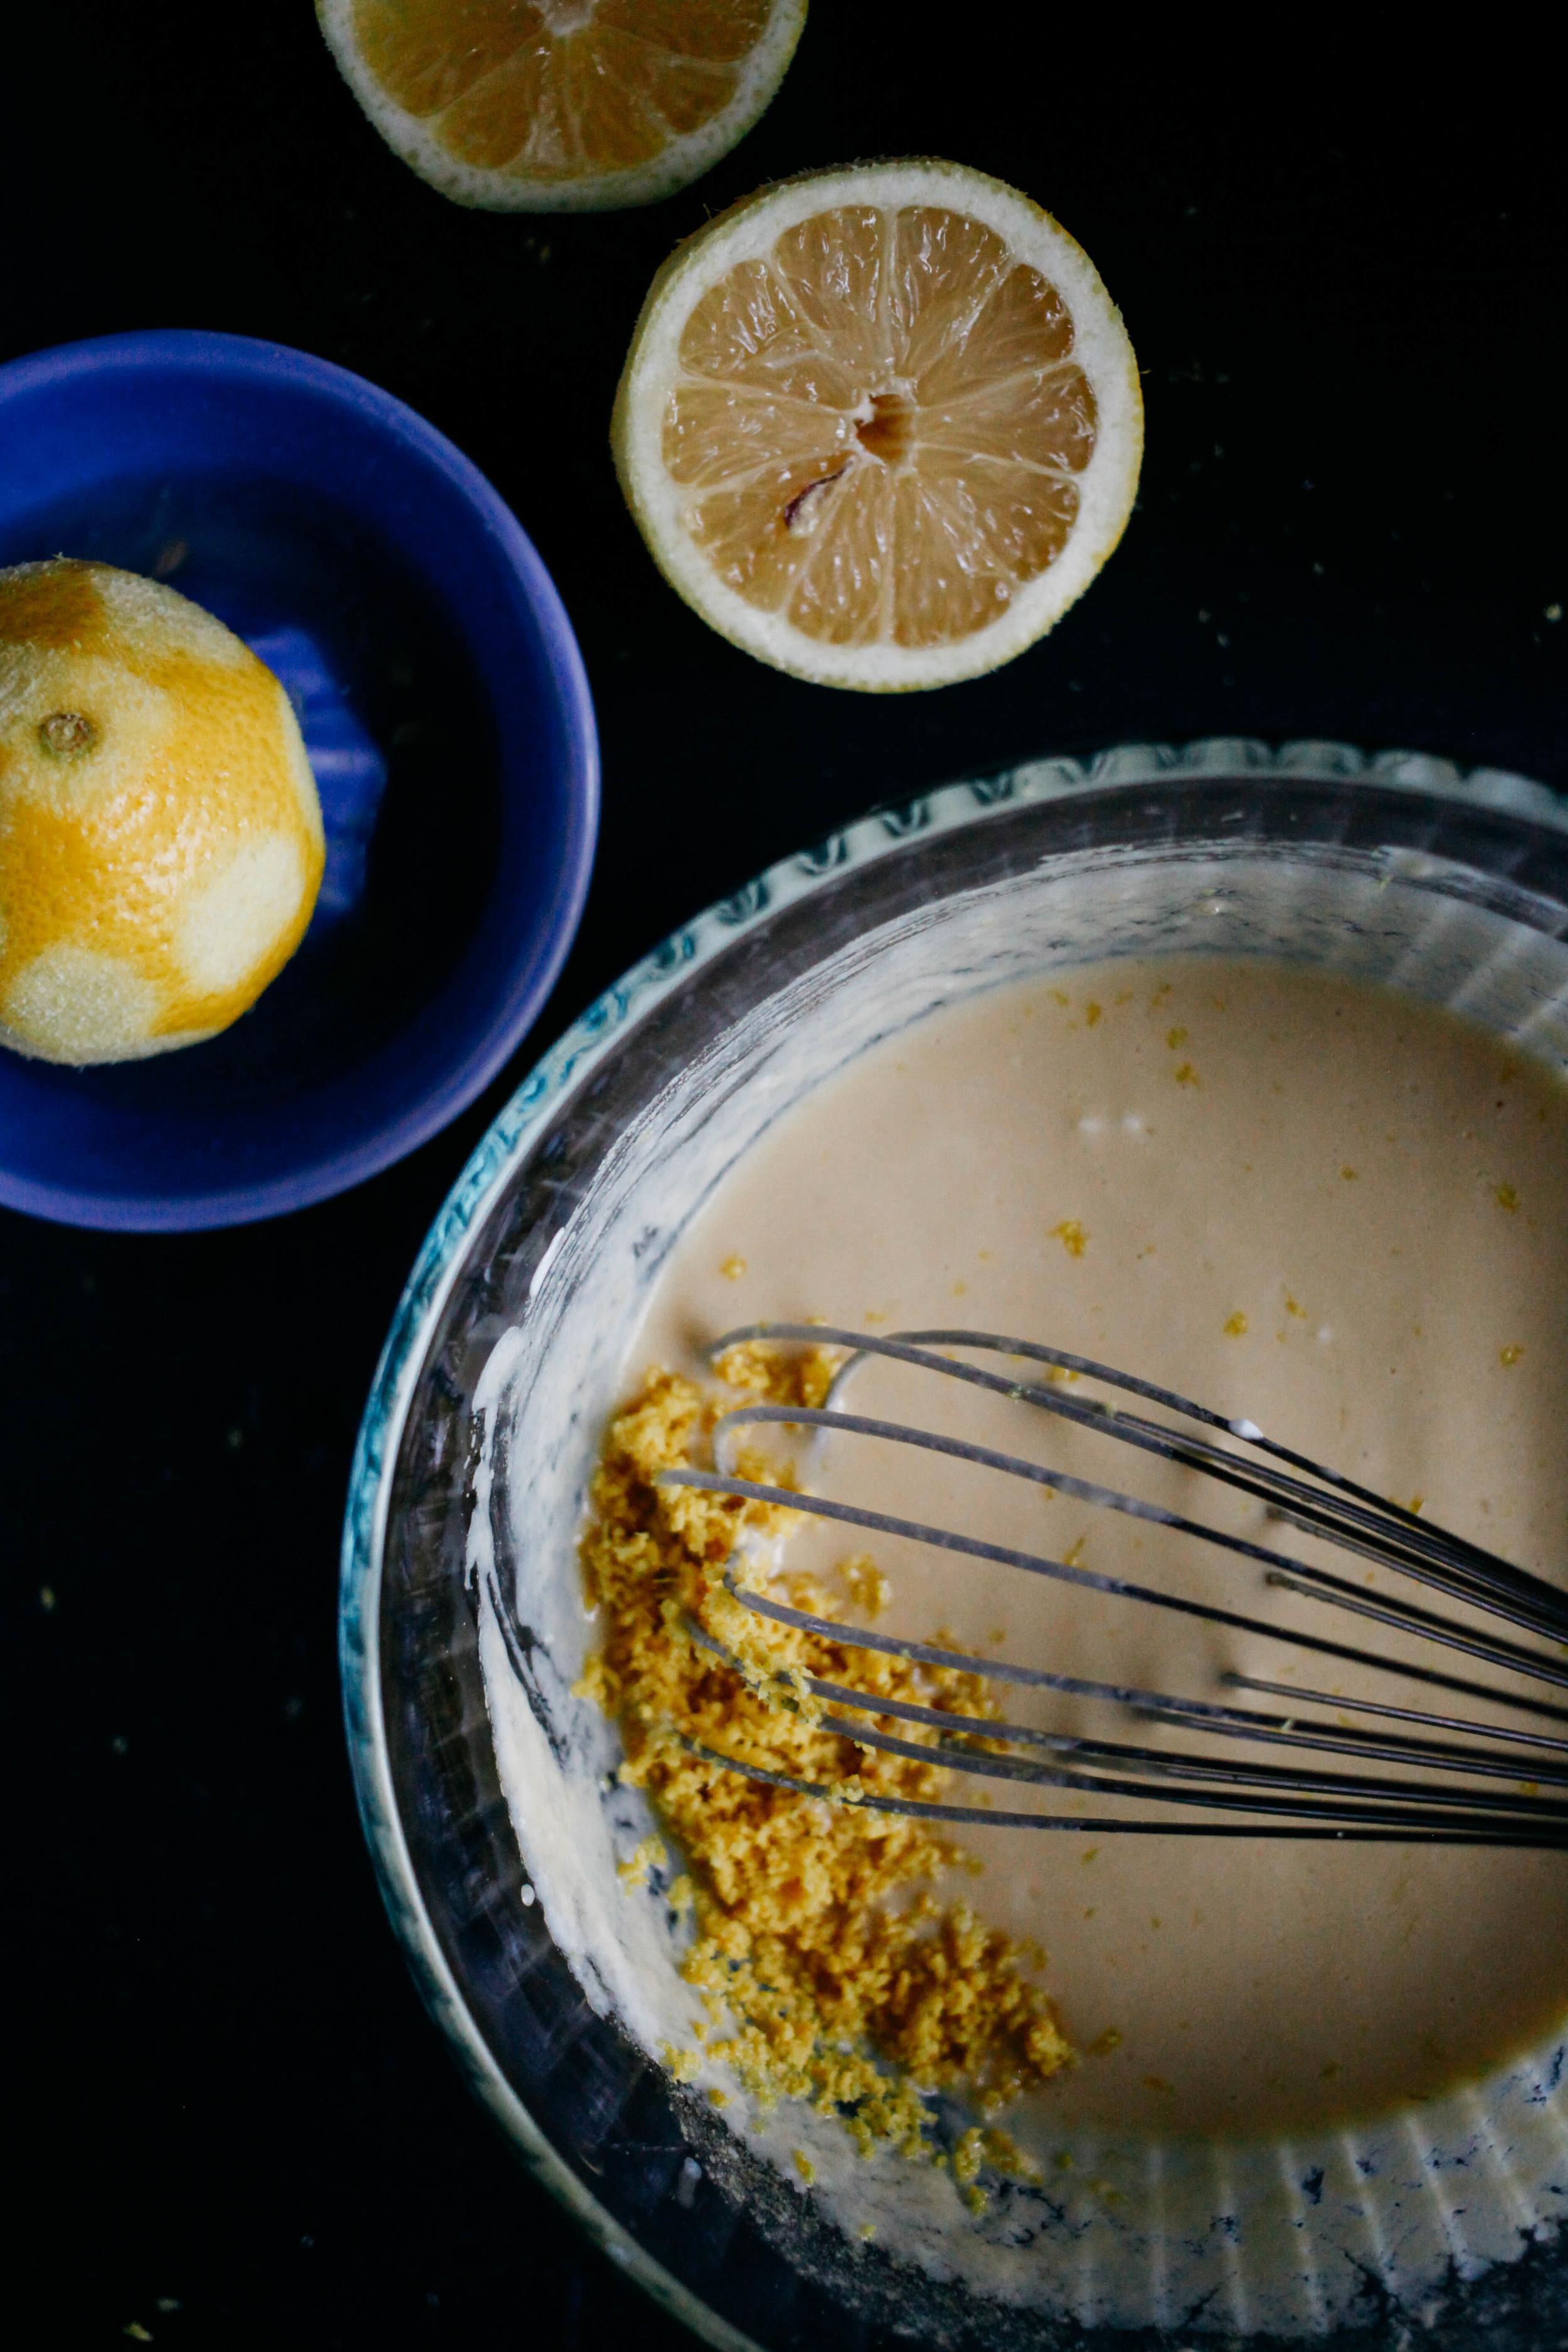 lemon_poppyseed-19.jpg